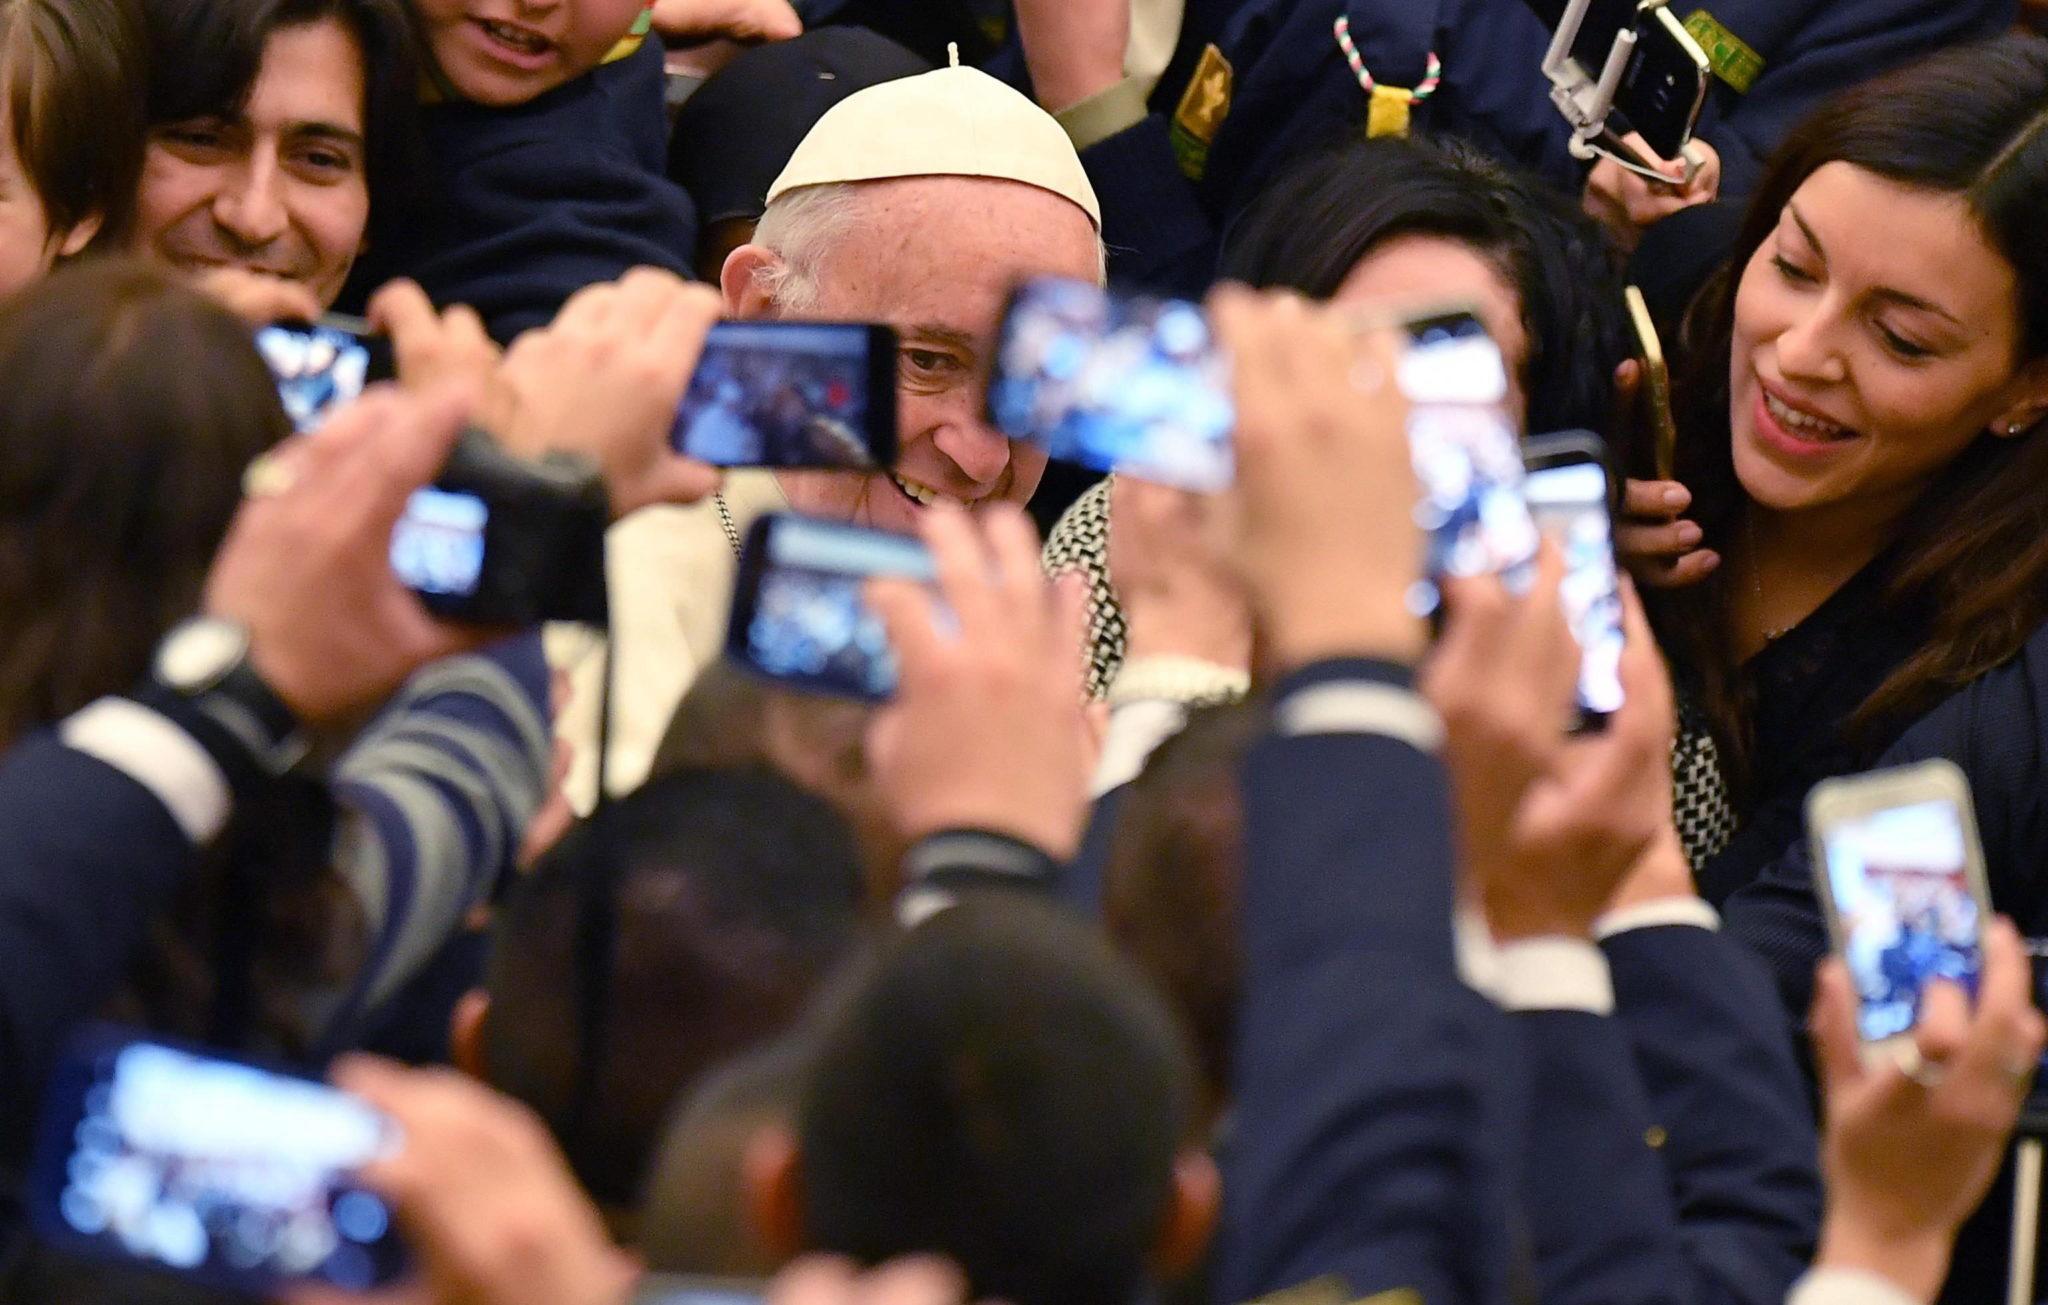 Włochy: audiencja generalna z udziałem papieża Franciszka w Watykanie (foto. PAP/EPA/ETTORE FERRARI)